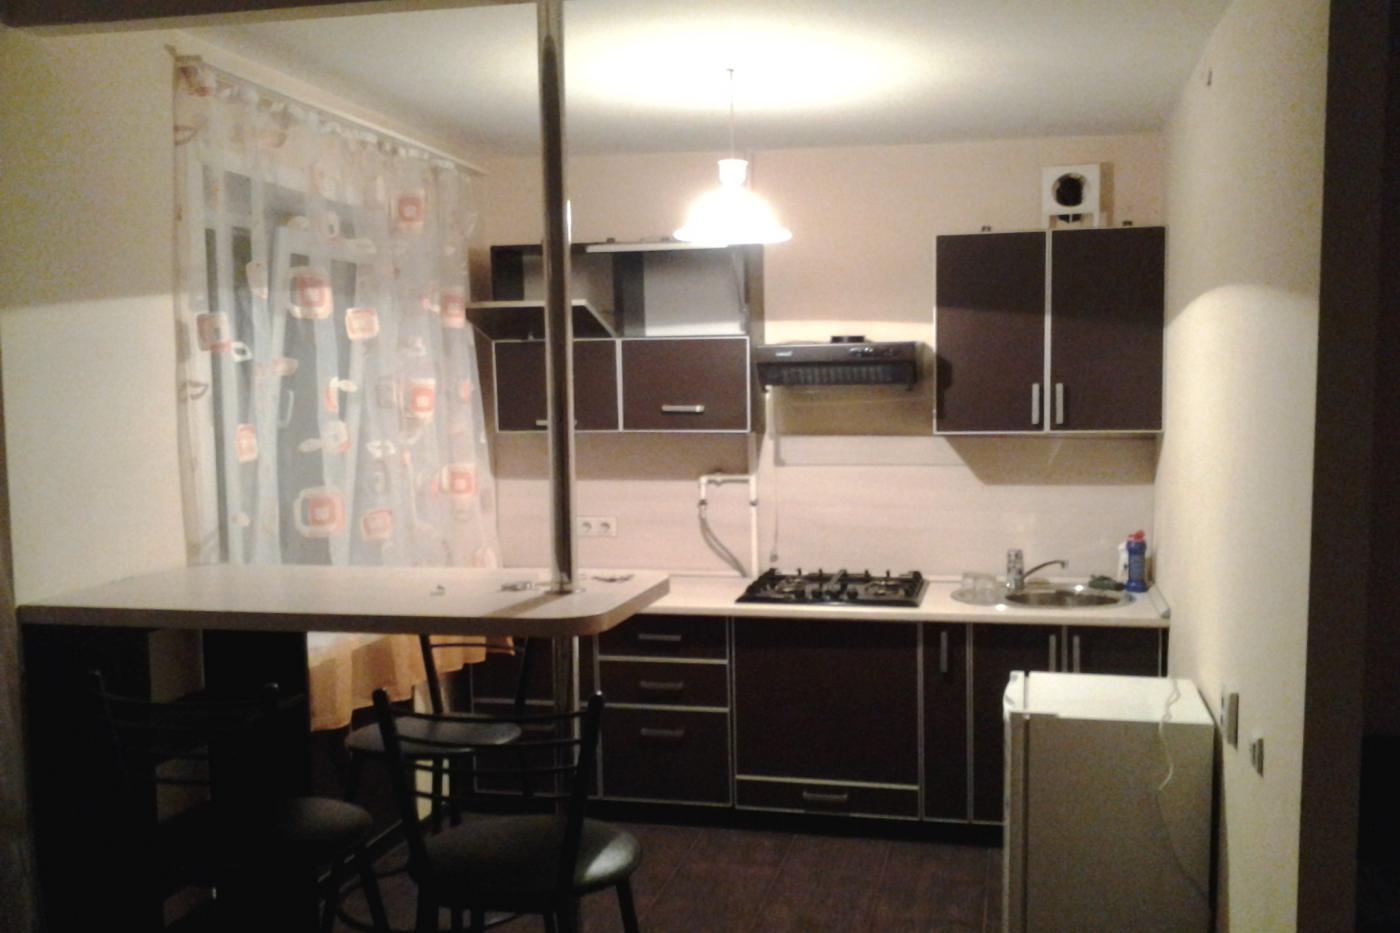 1-комнатная квартира посуточно (вариант № 1662), ул. Берёзовая роща, фото № 5